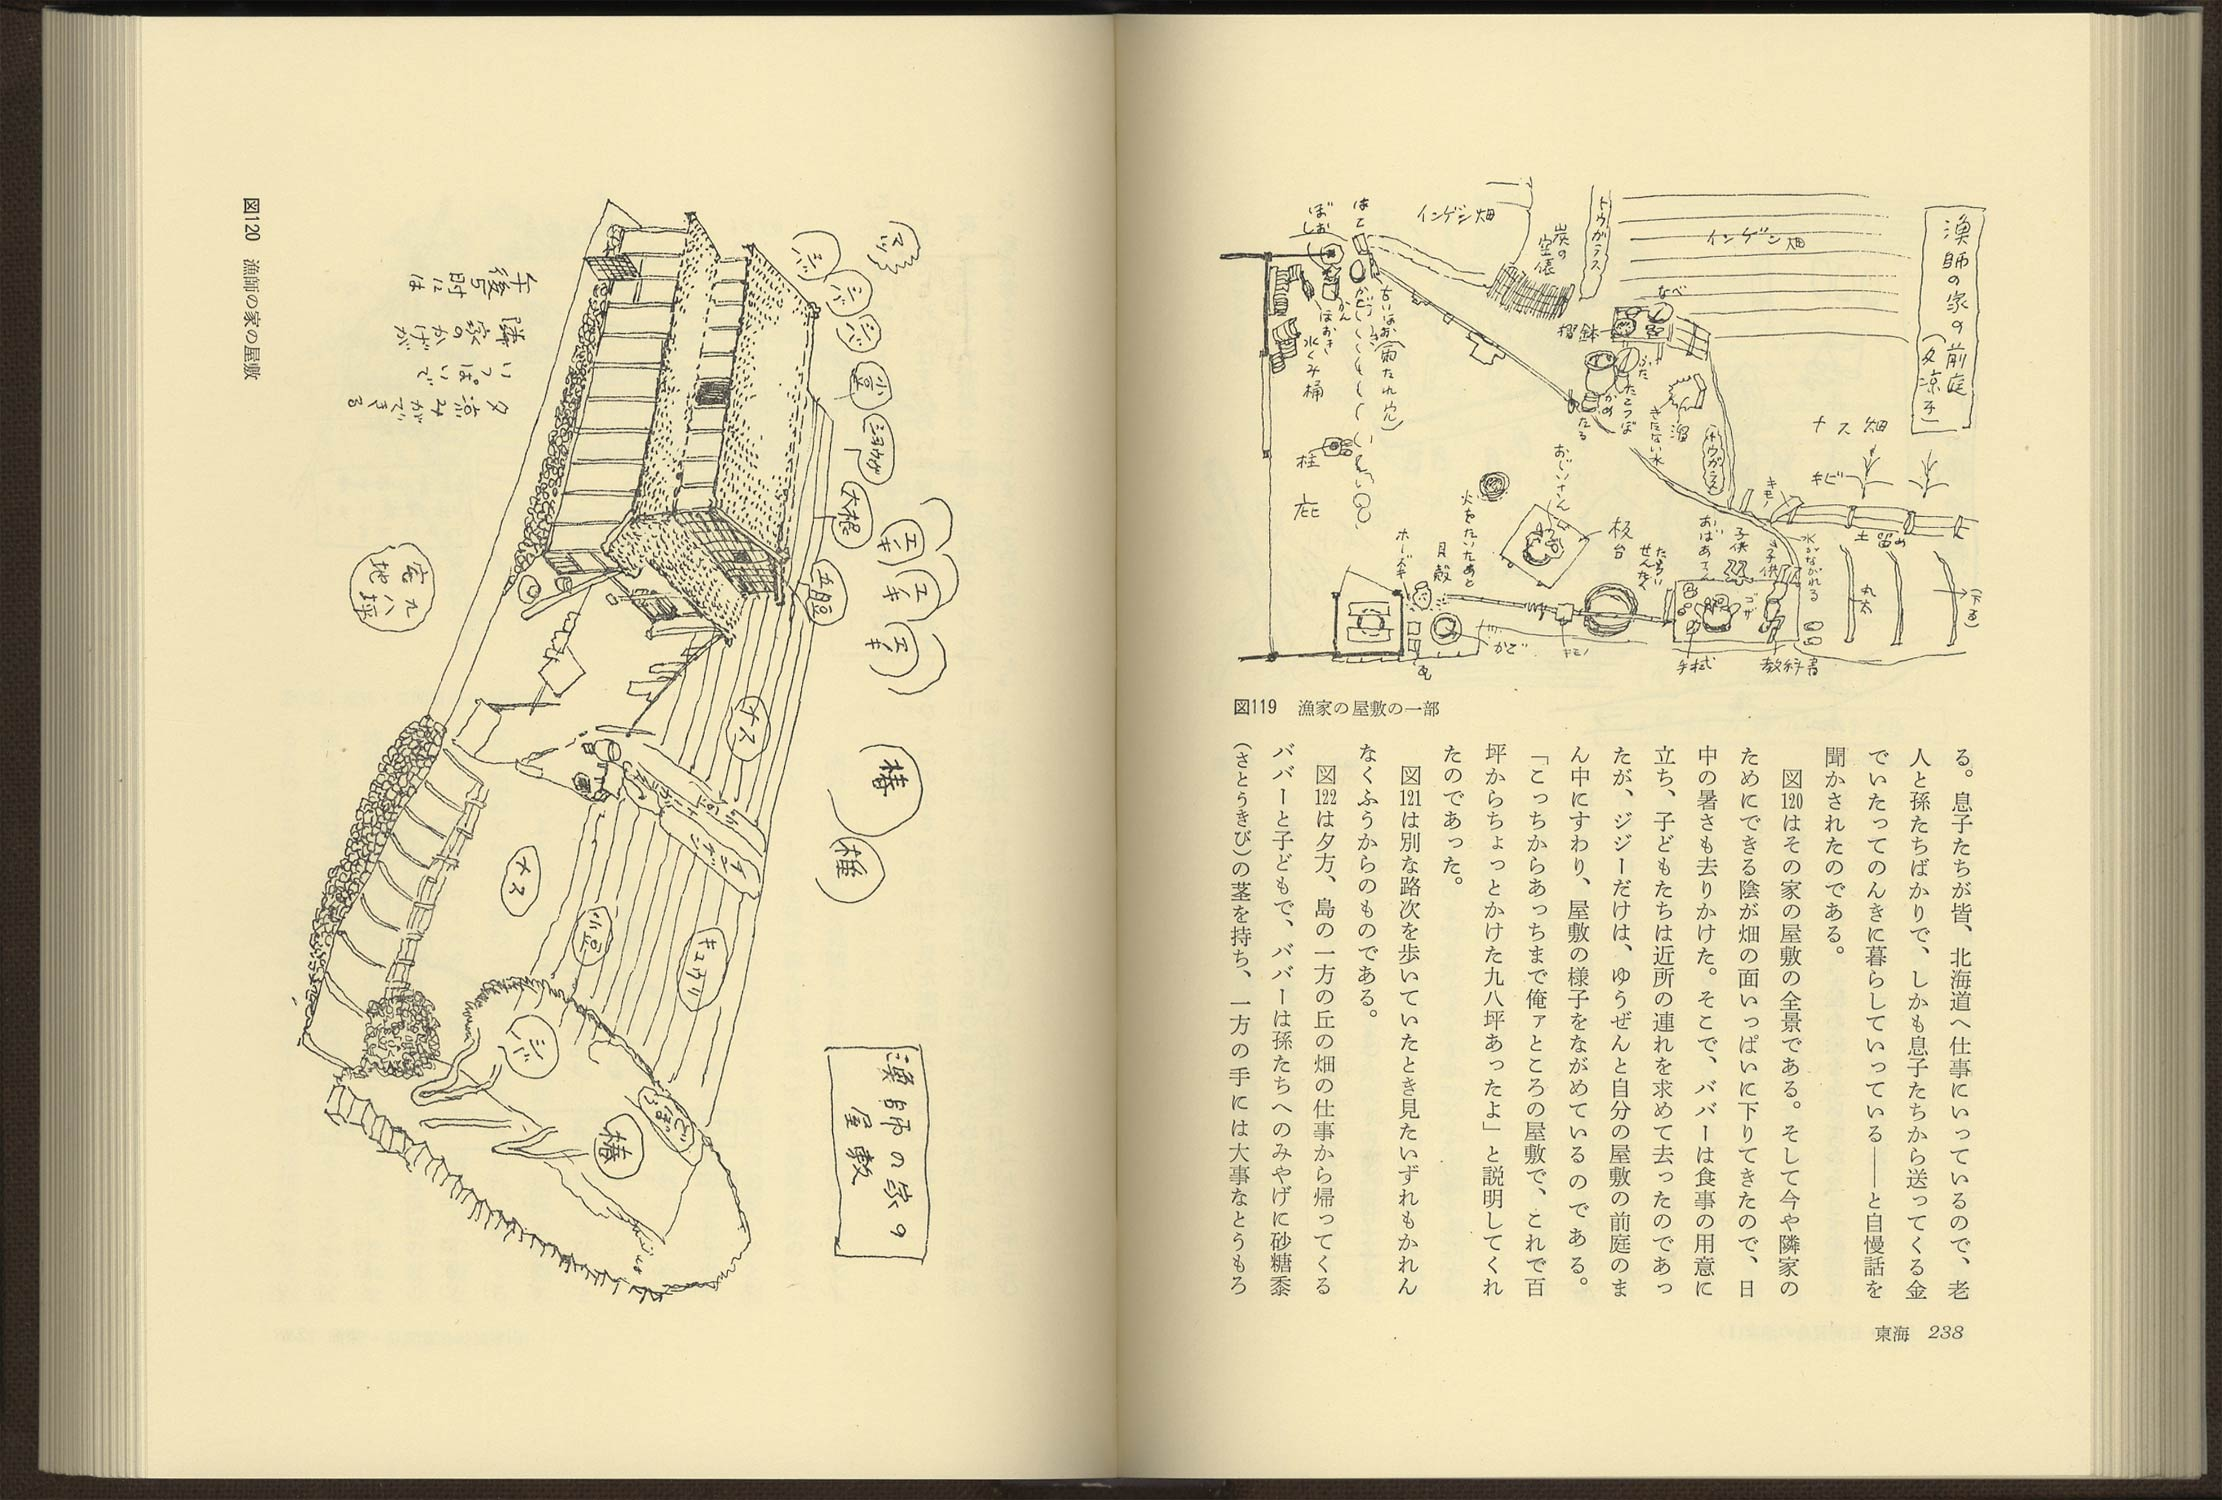 民家採集 今和次郎集 第3巻[image3]